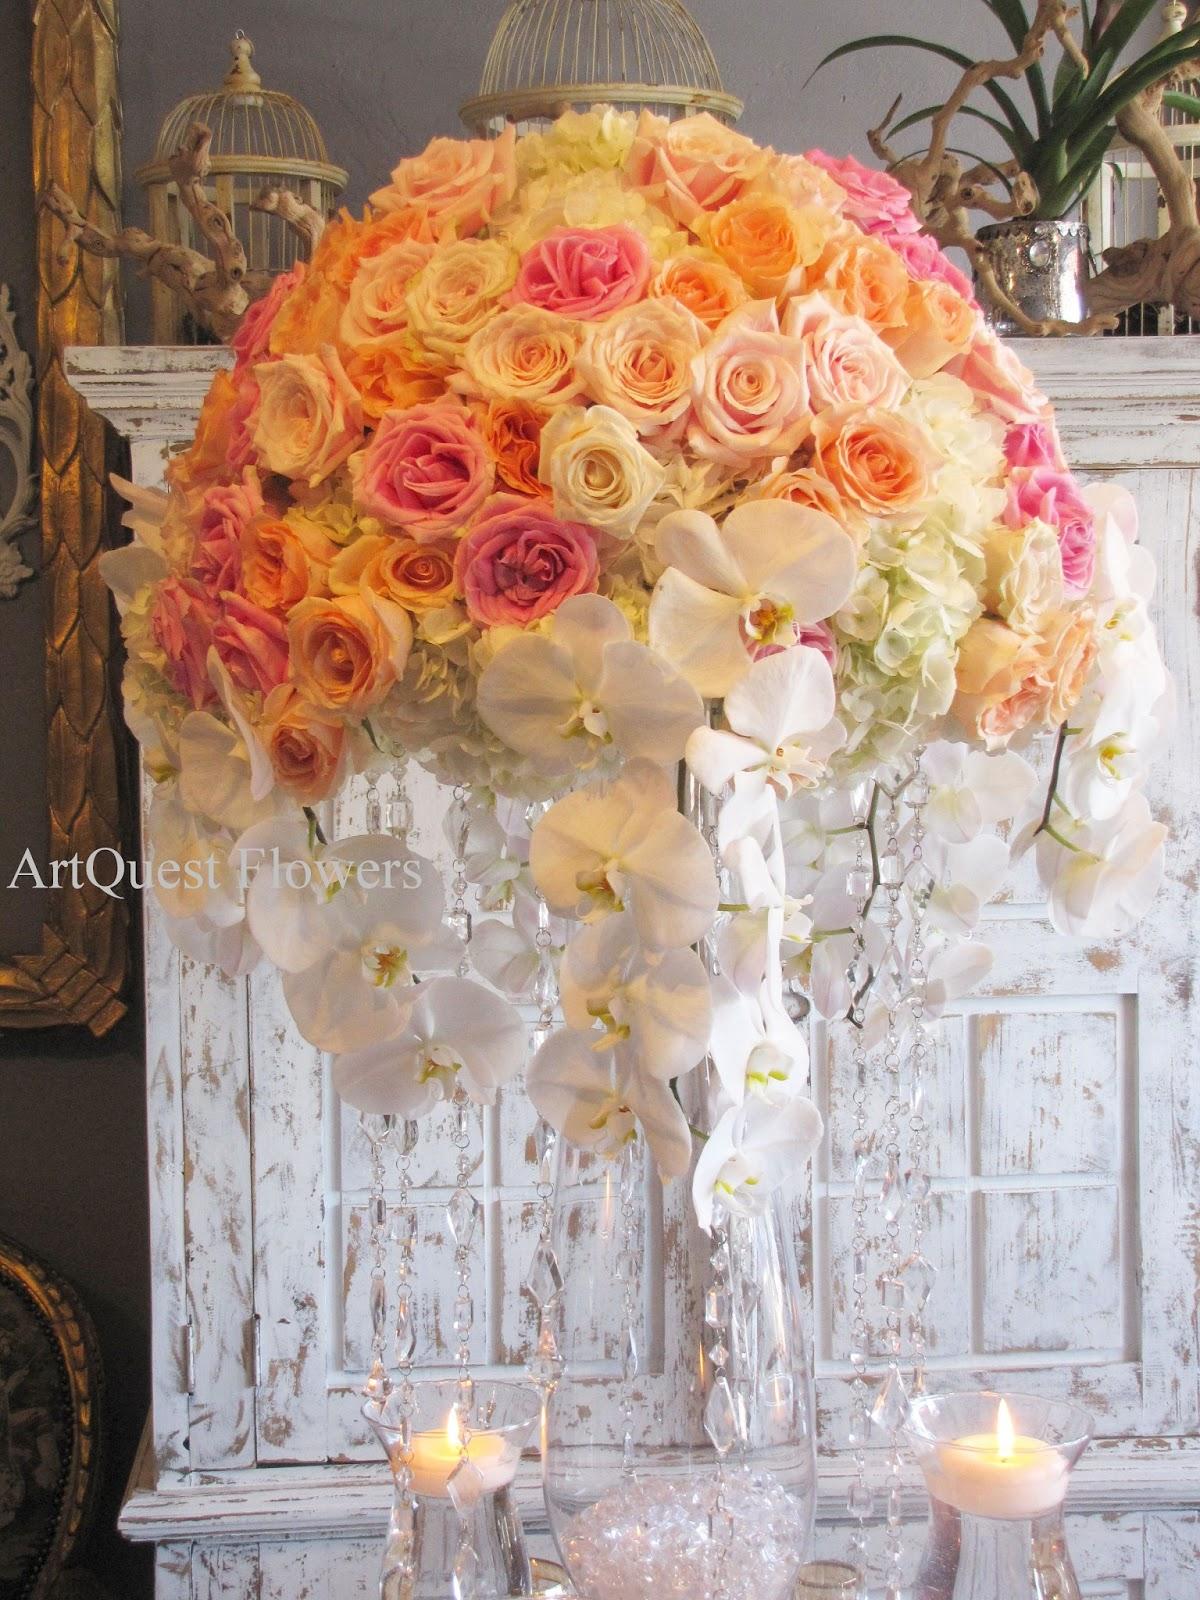 san diego coronado del mar wedding florist and planner indian wedding planner and florist. Black Bedroom Furniture Sets. Home Design Ideas